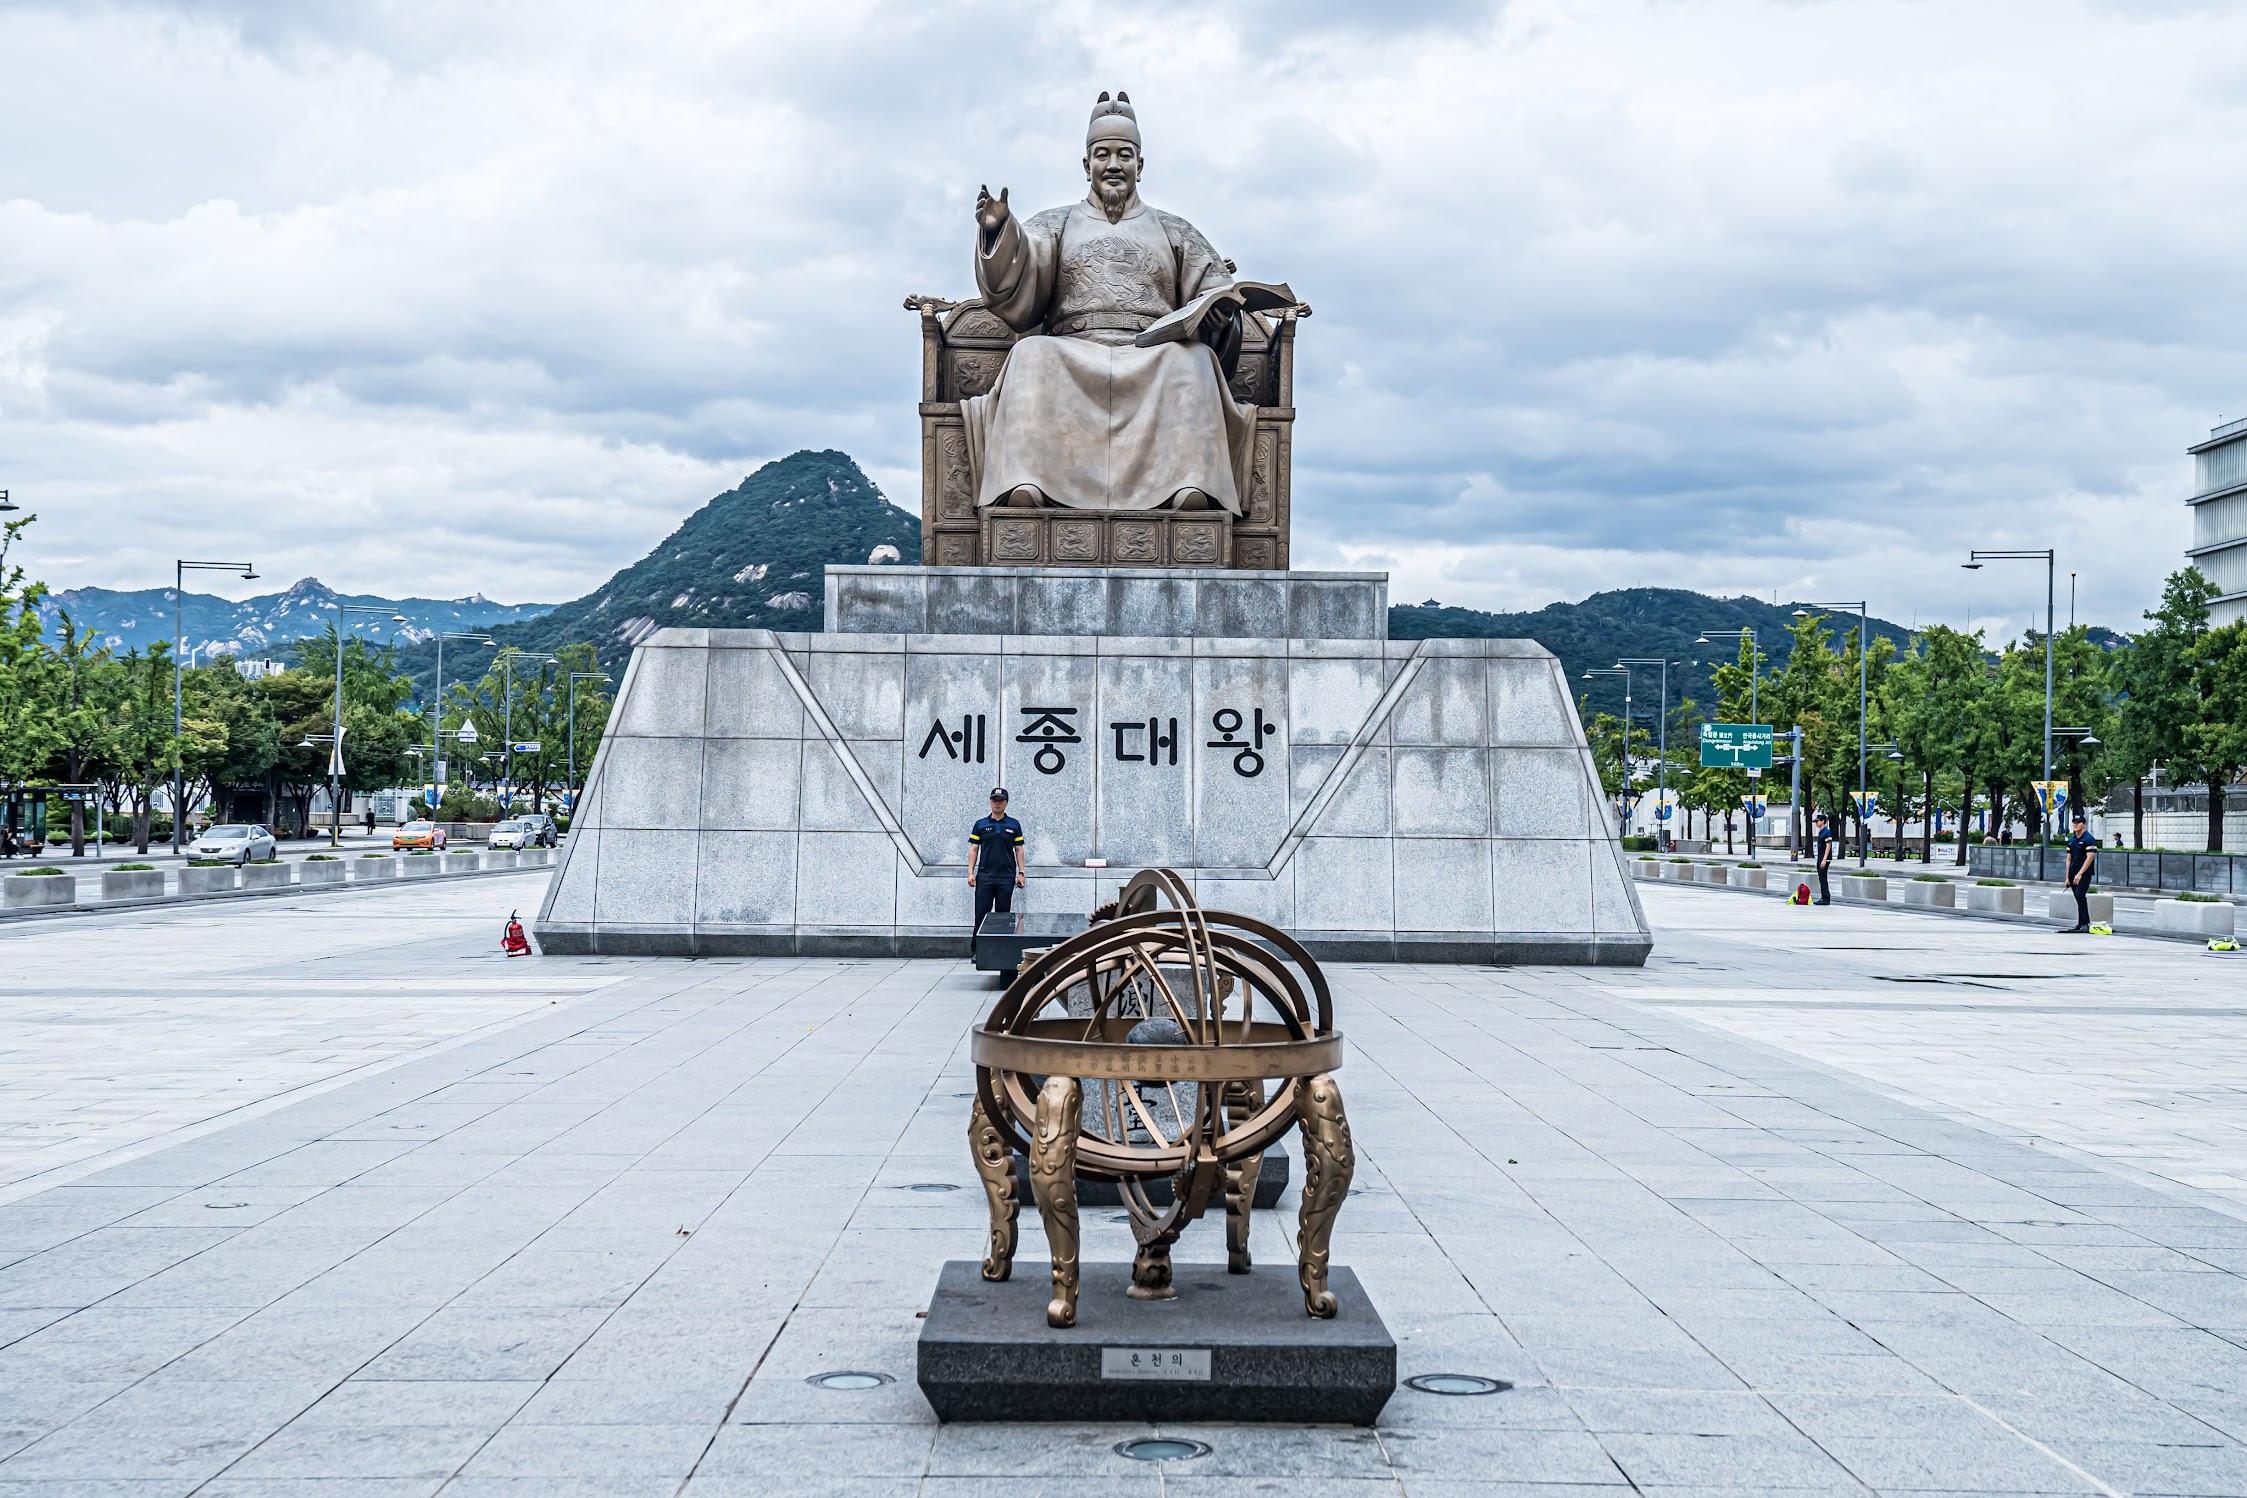 ソウル 光化門広場 世宗1